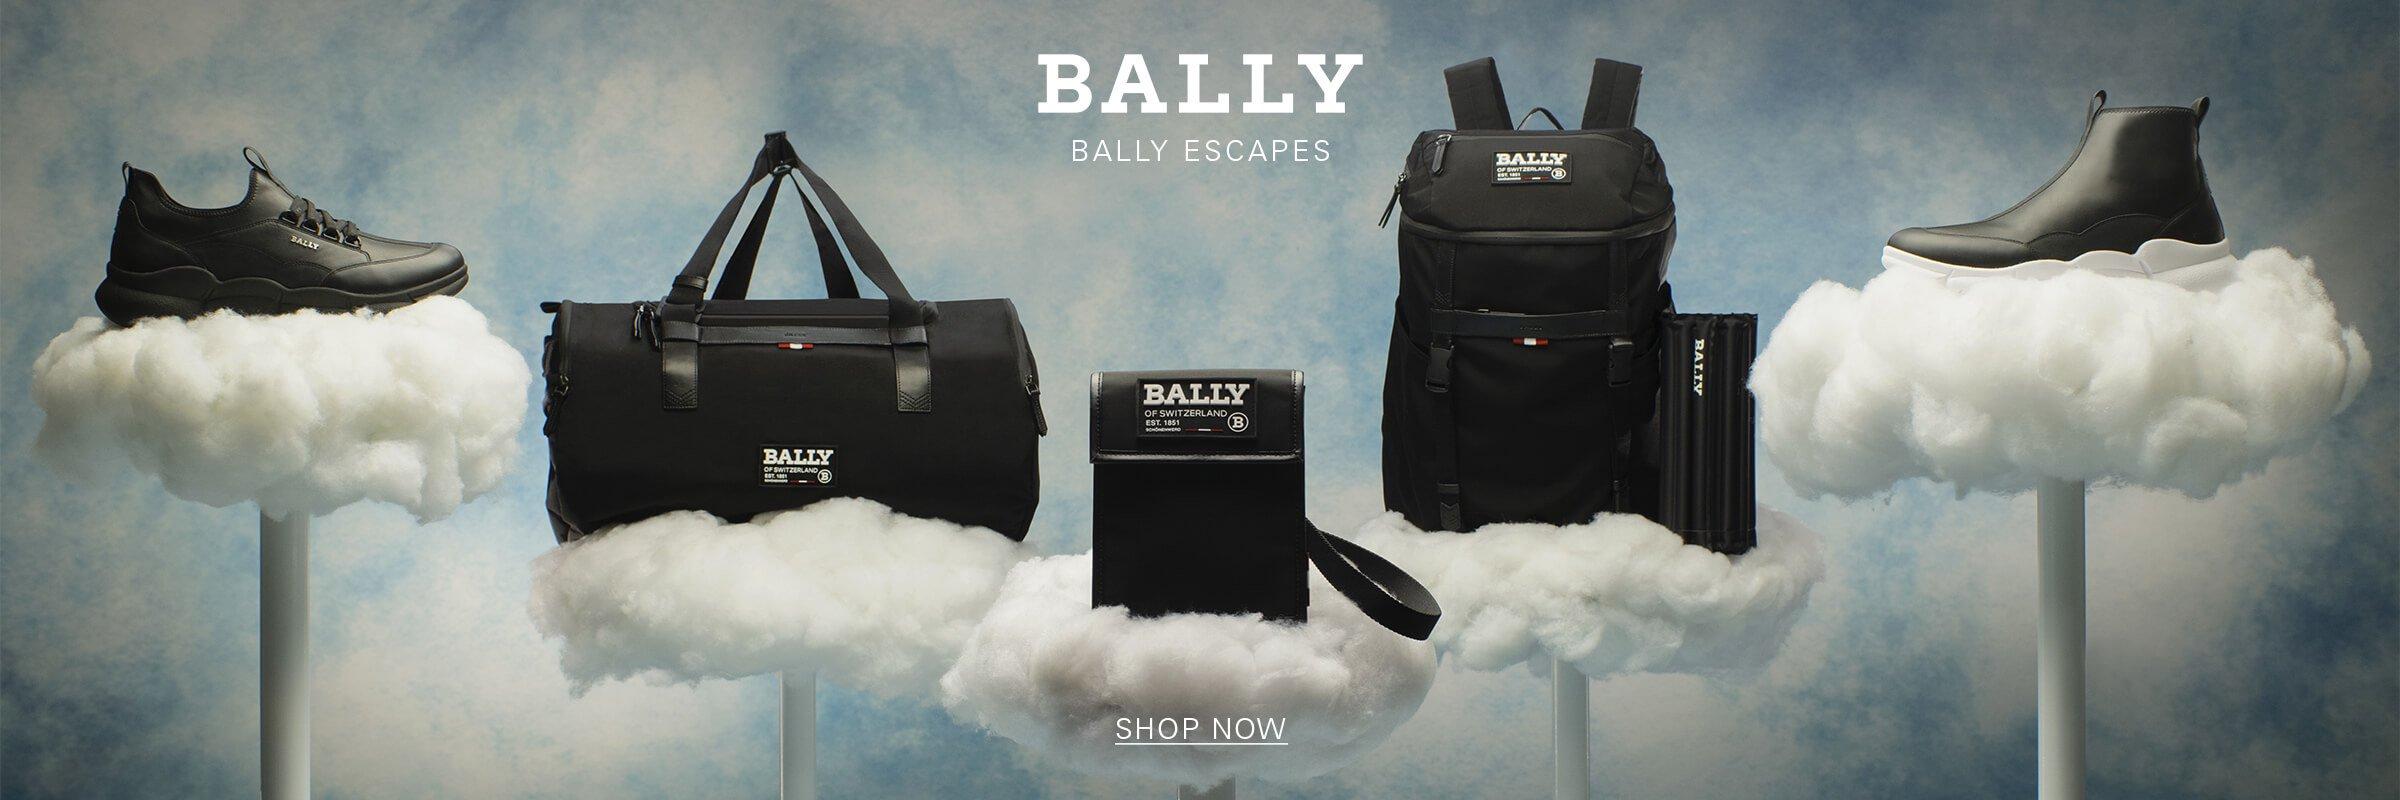 Bally Escapes